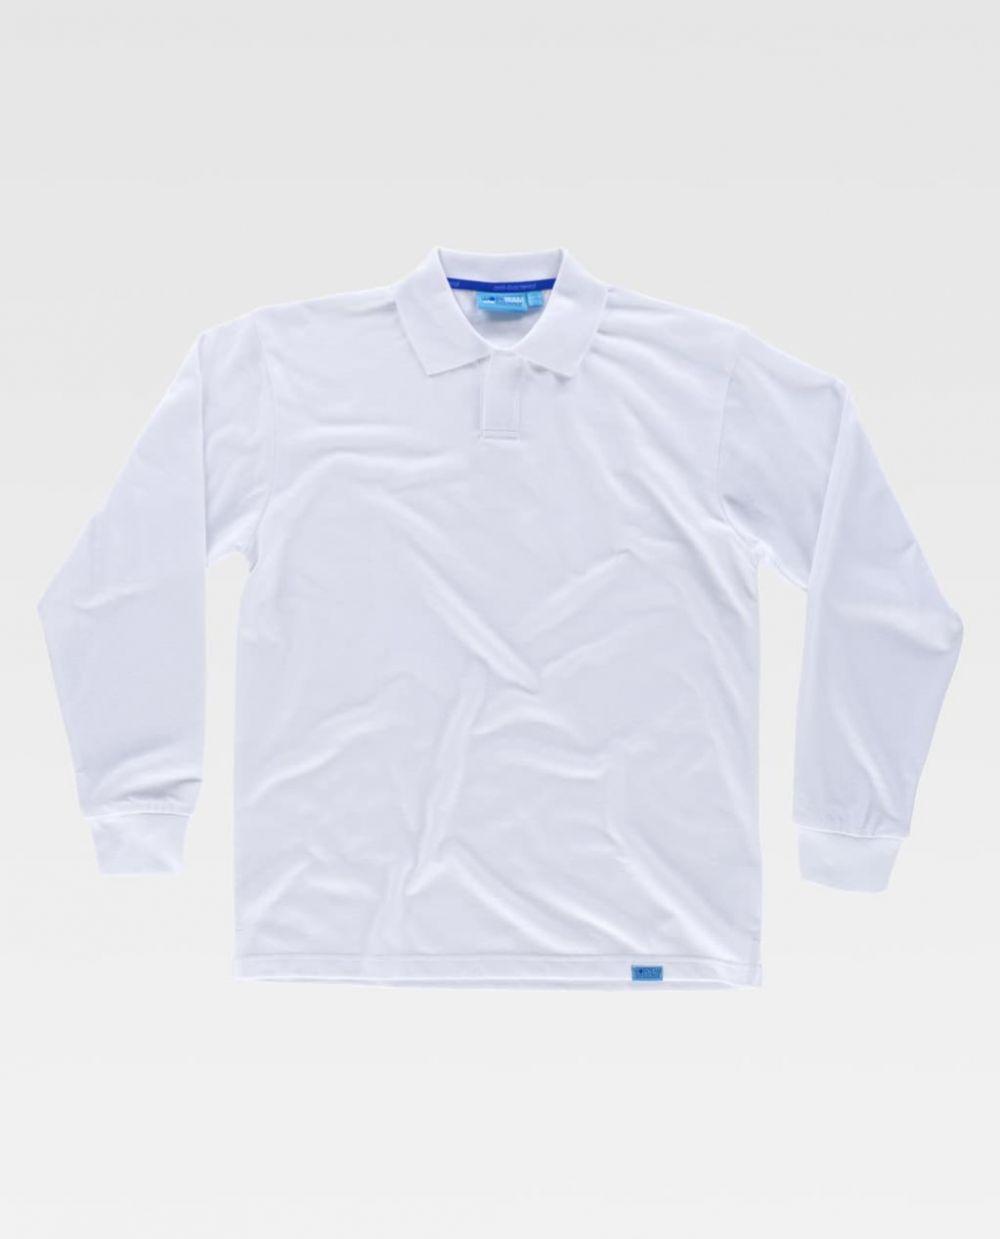 Polos para trabajar workteam ml pique algodon tratamiento antibacteriano de 100% algodón para personalizar vista 1